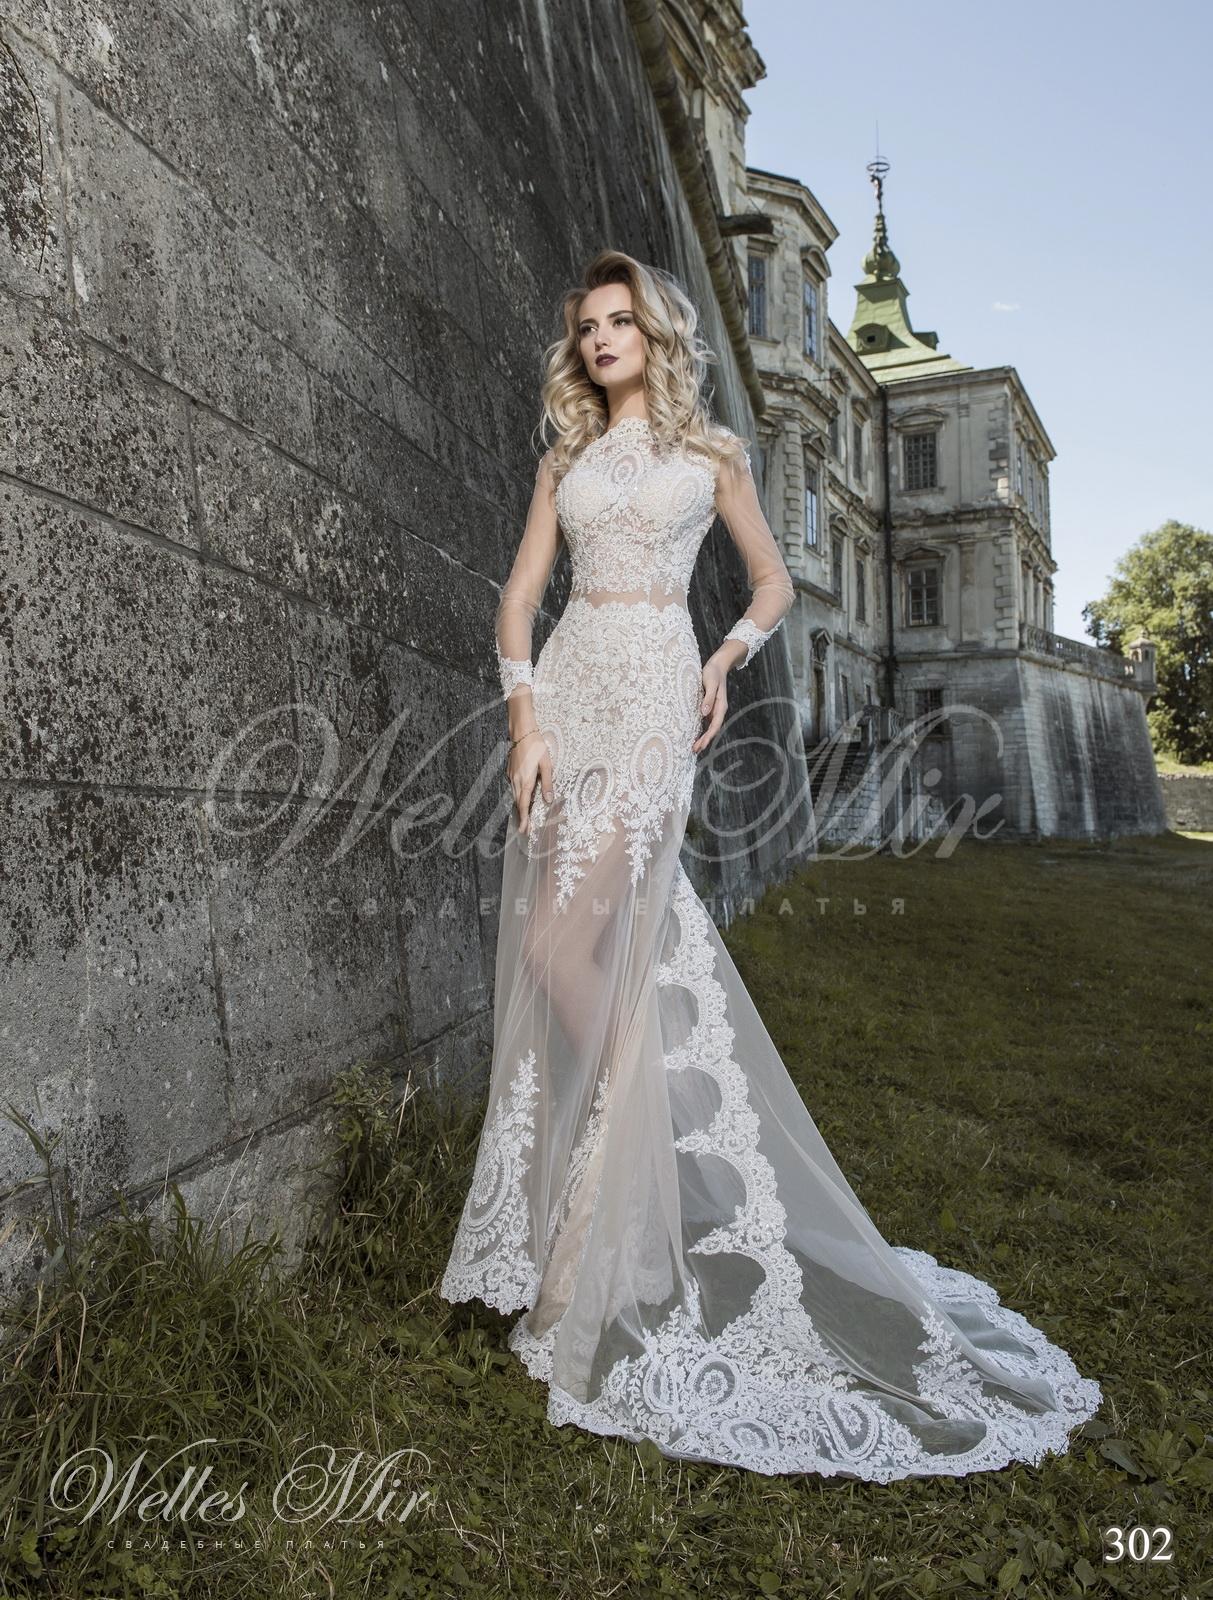 Свадебные платья Exquisite Collection - 302